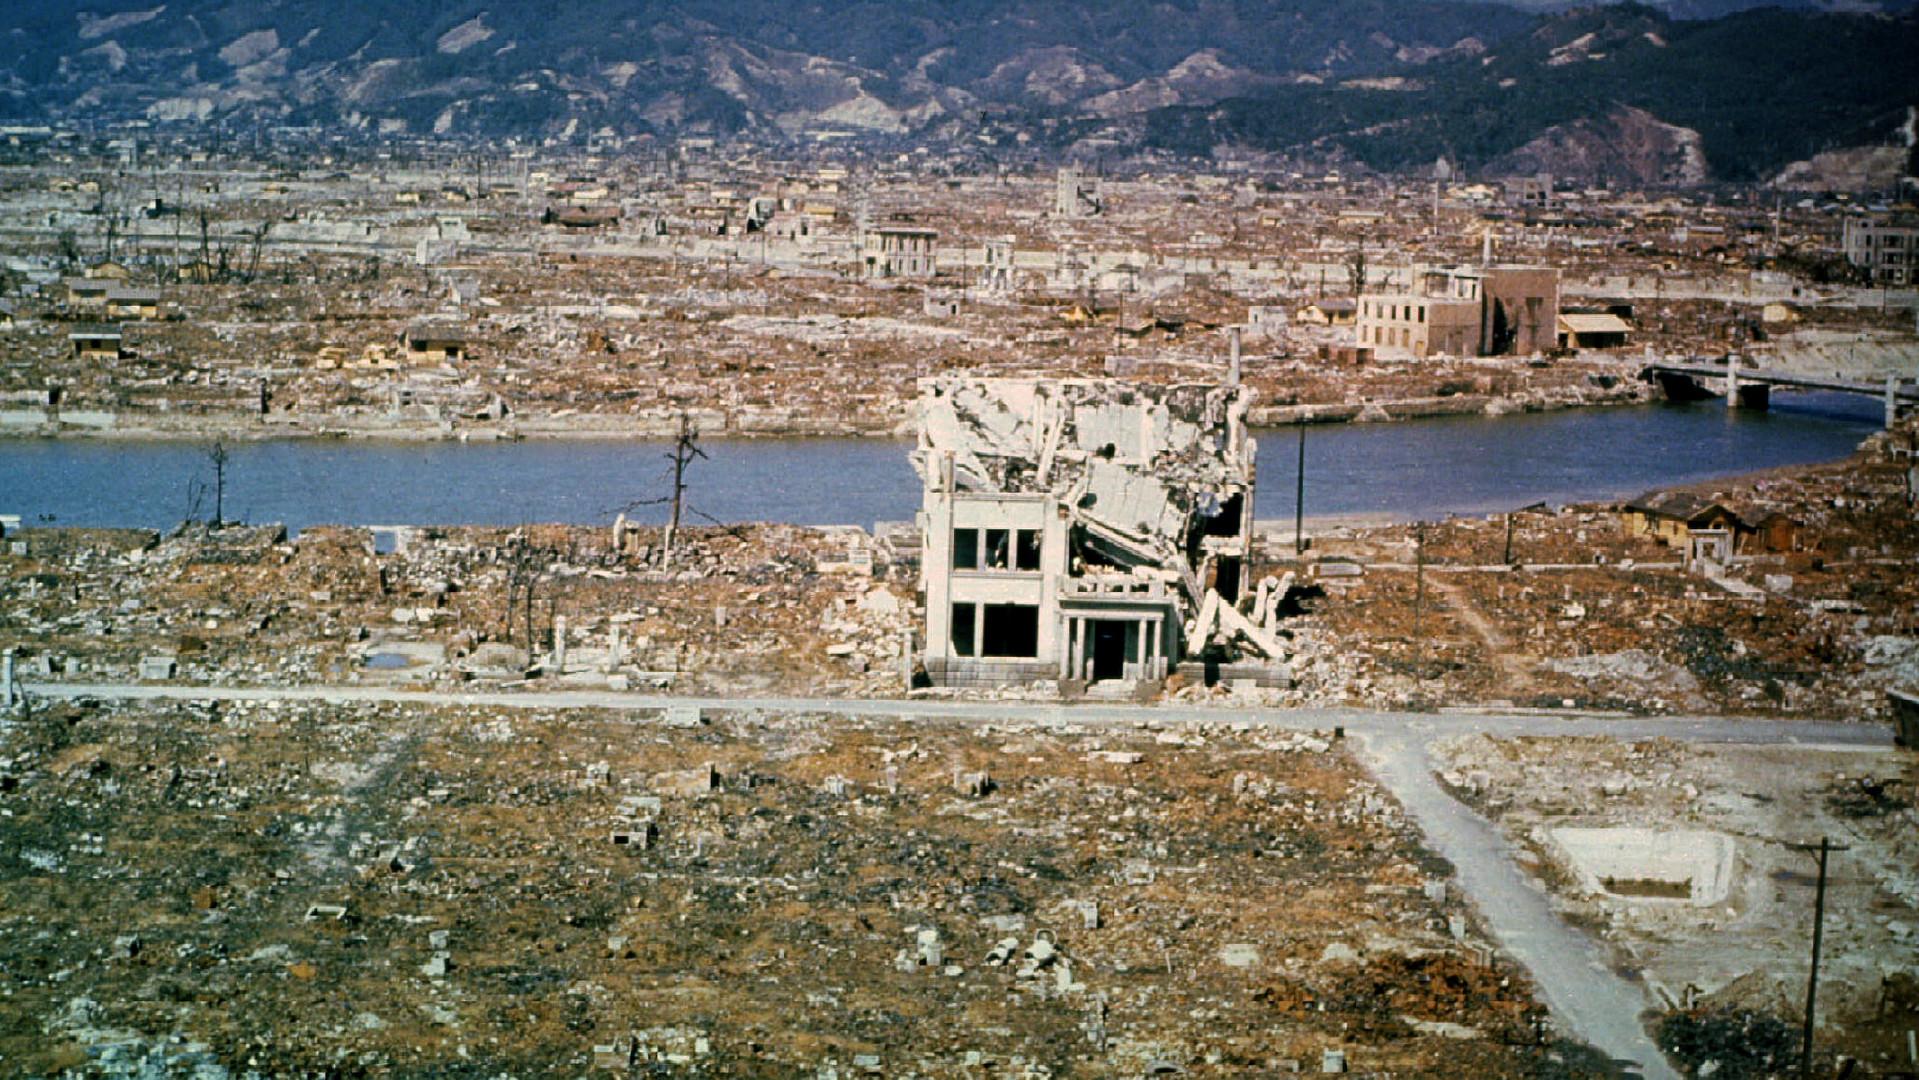 Petit-fils du président Truman : les Etats-Unis ne présenteront jamais leurs excuses pour Hiroshima